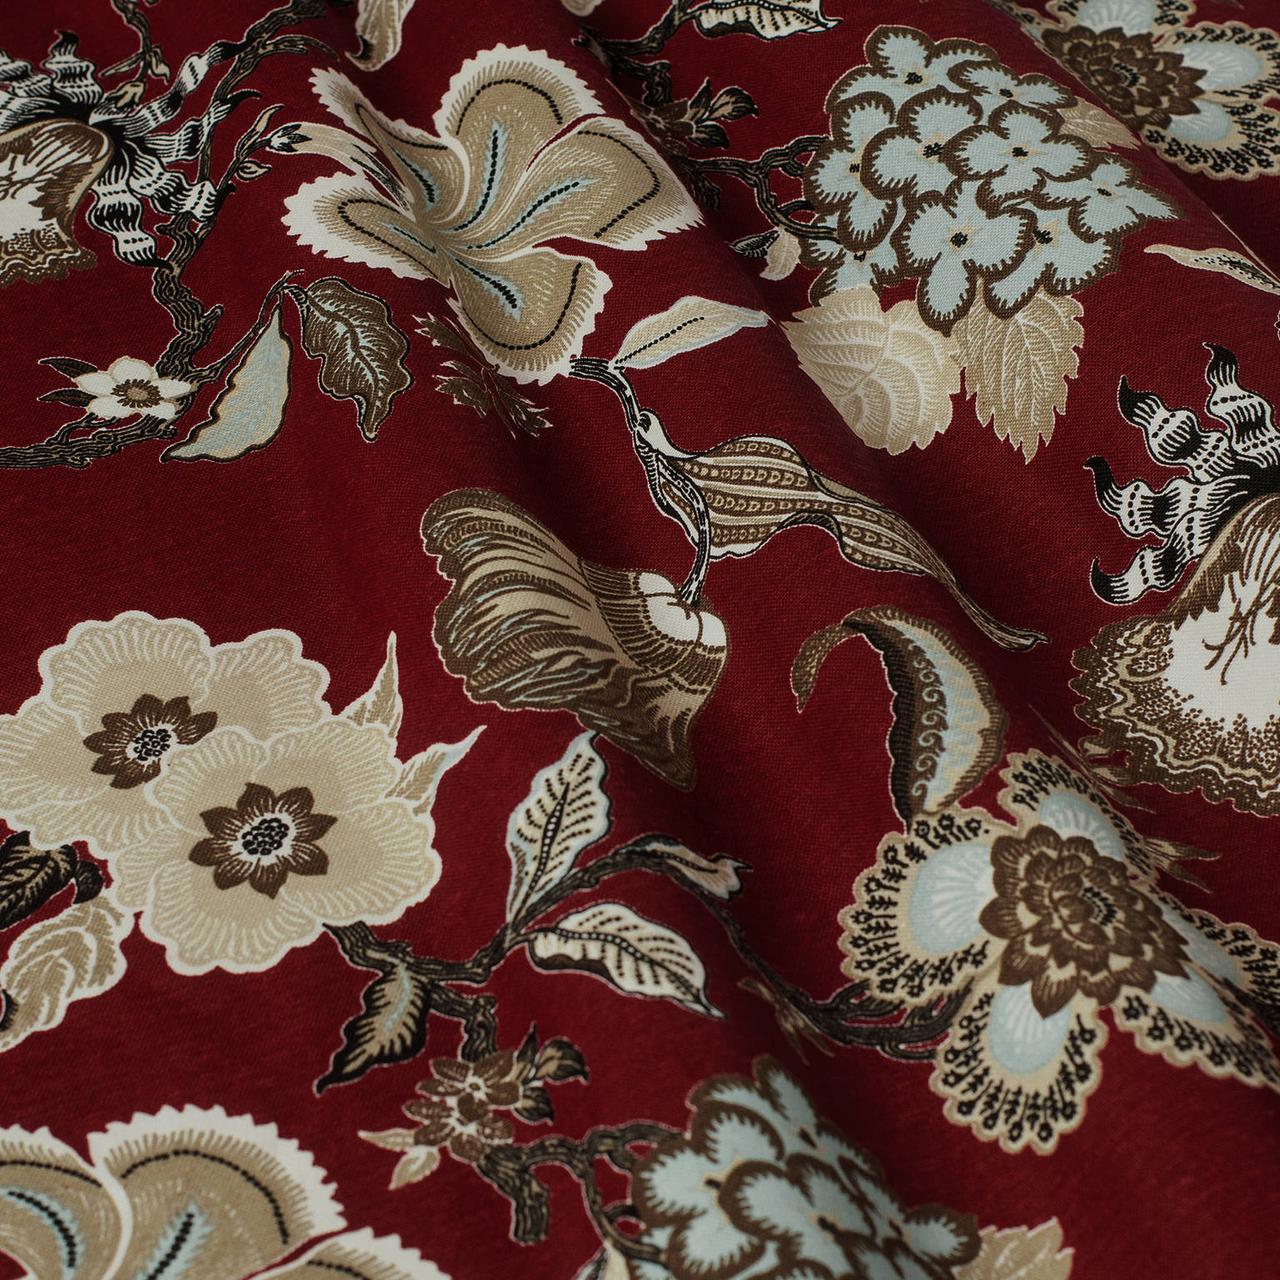 Декоративная ткань серые цветы на бордовом фоне Турция 87994v10